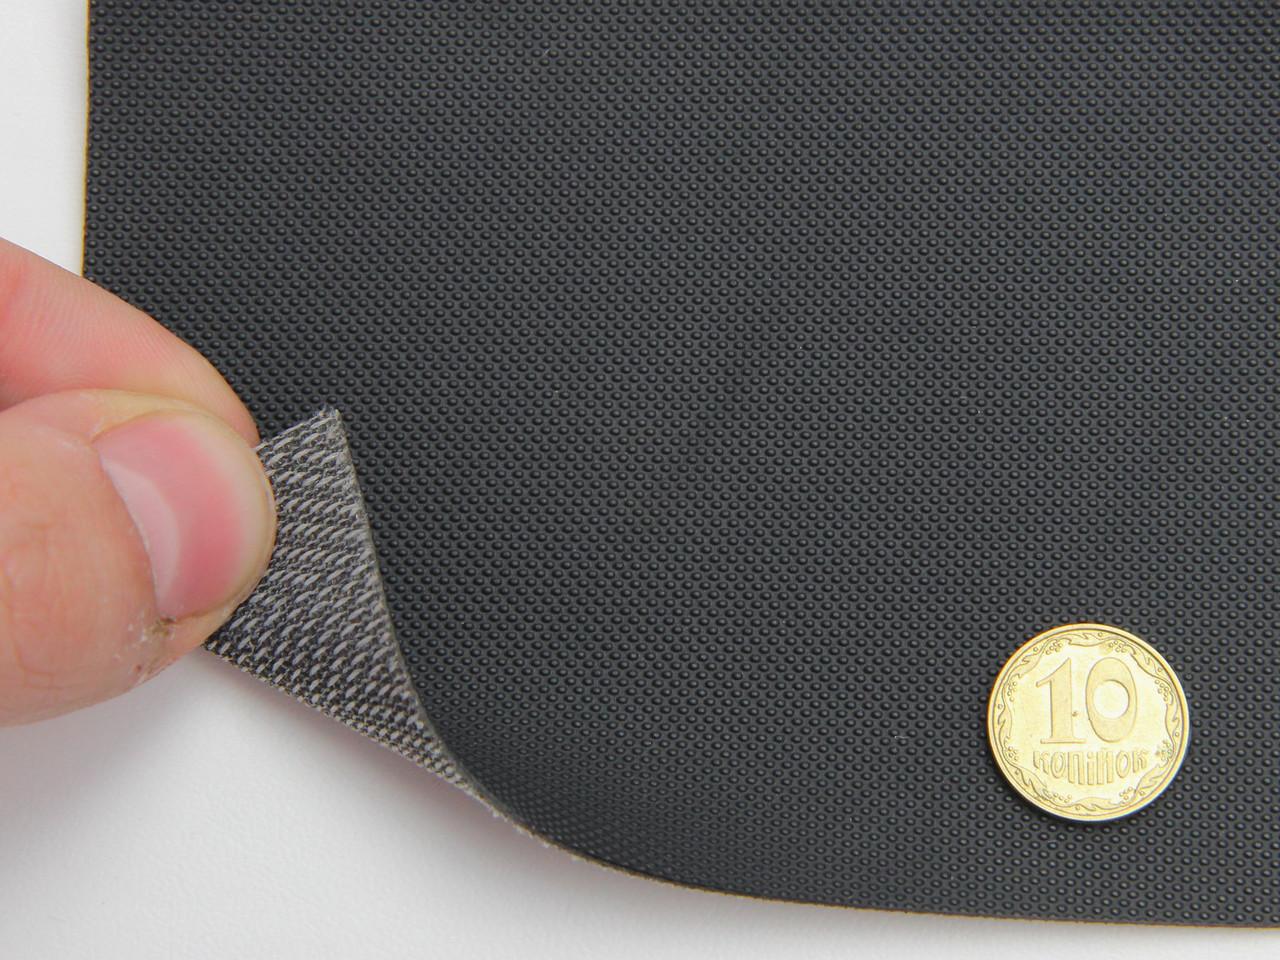 Кожзам черный для сидений авто (текстурированный 09-84) на тканевой основе, ширина 1.60м